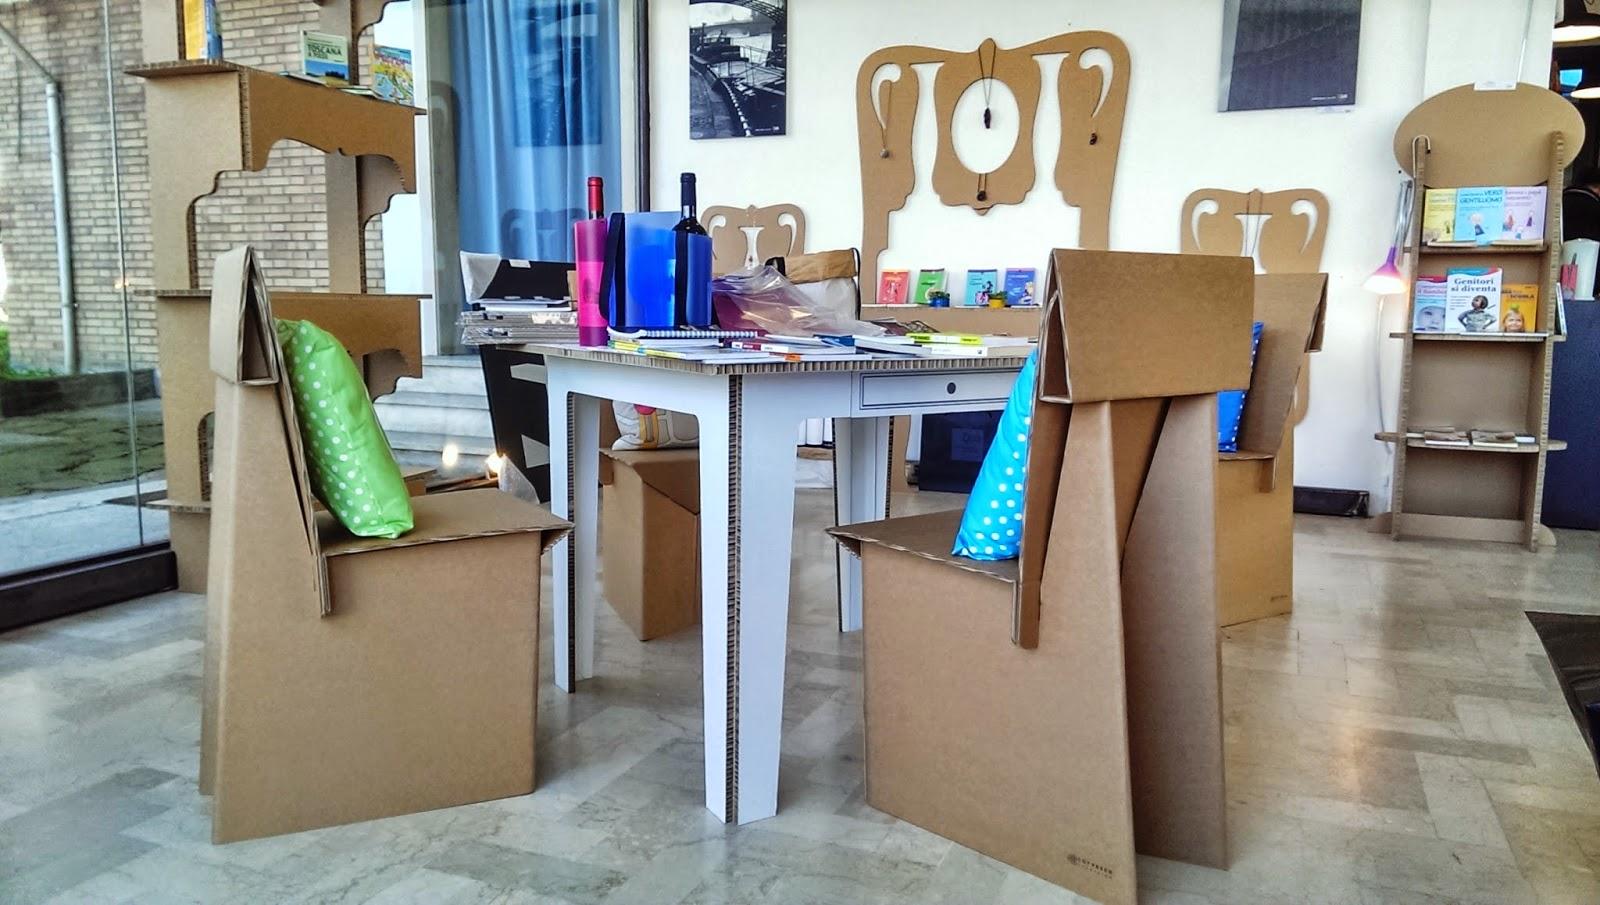 La gatita sotto le due torri i mobili di cartone di qlab apebianca forl - Mobili in cartone ...